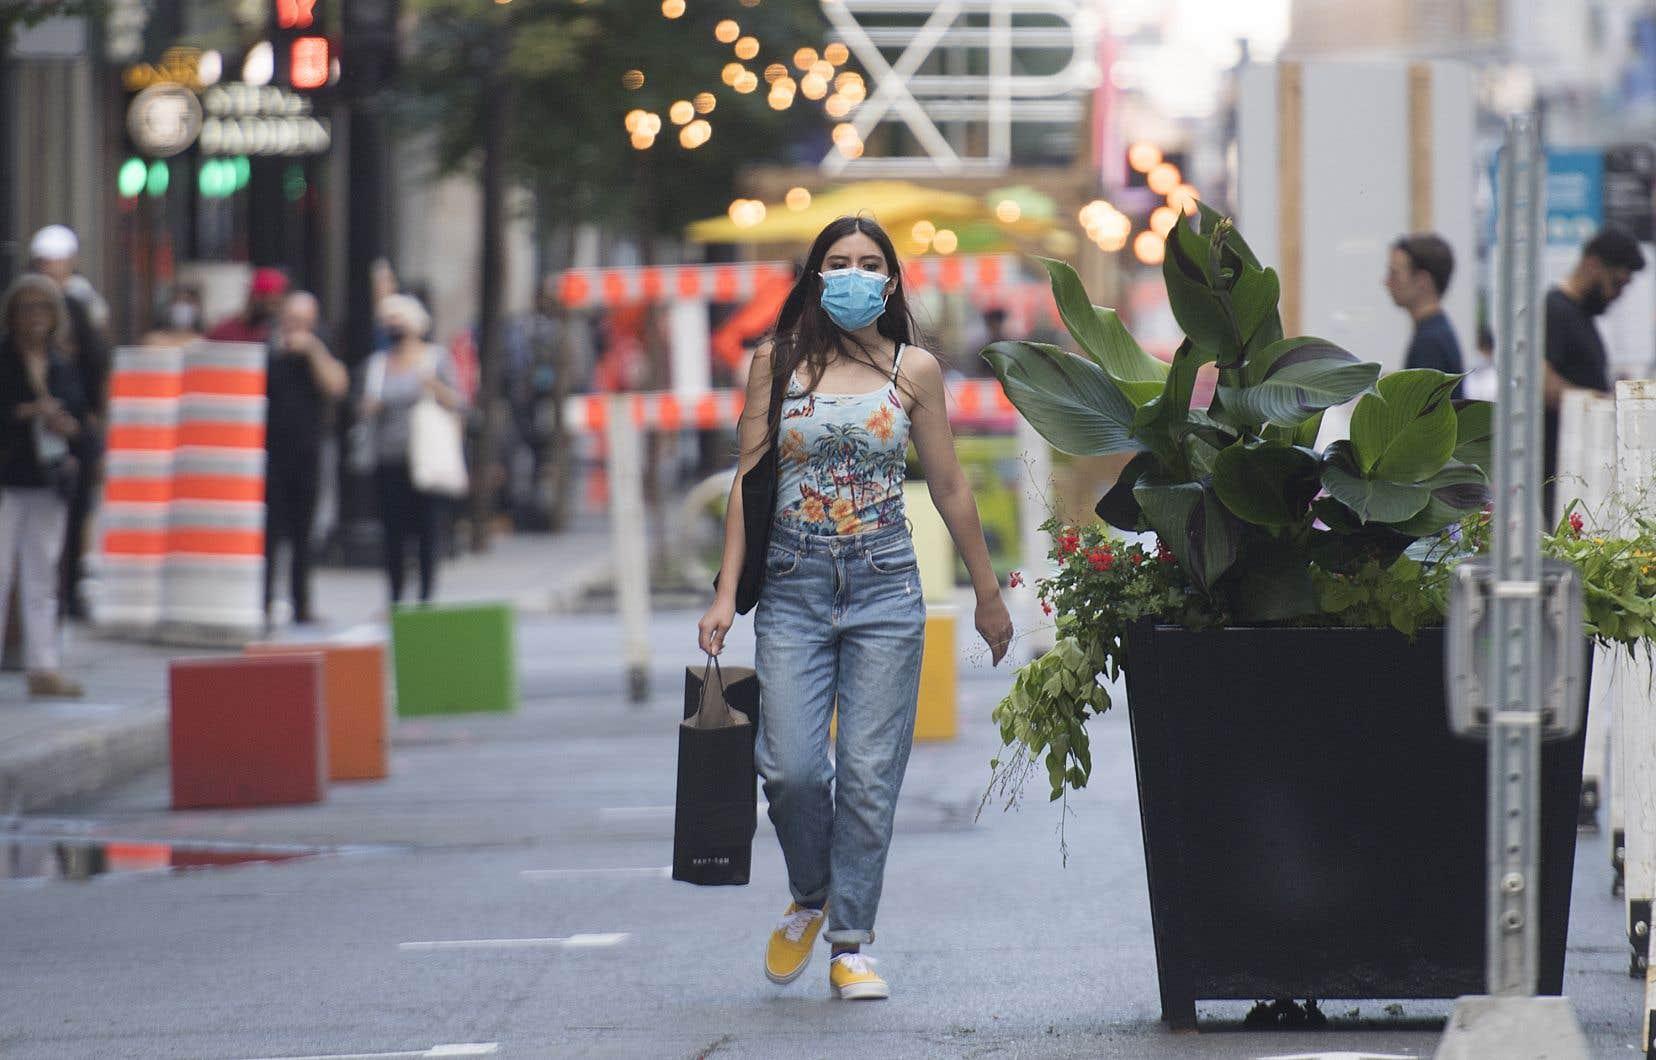 La situation du Québec est en effet différente de celle de plusieurs villes d'Europe, où les rues peuvent être étroites et où les places publiques peuvent être très achalandées, notamment par des touristes.